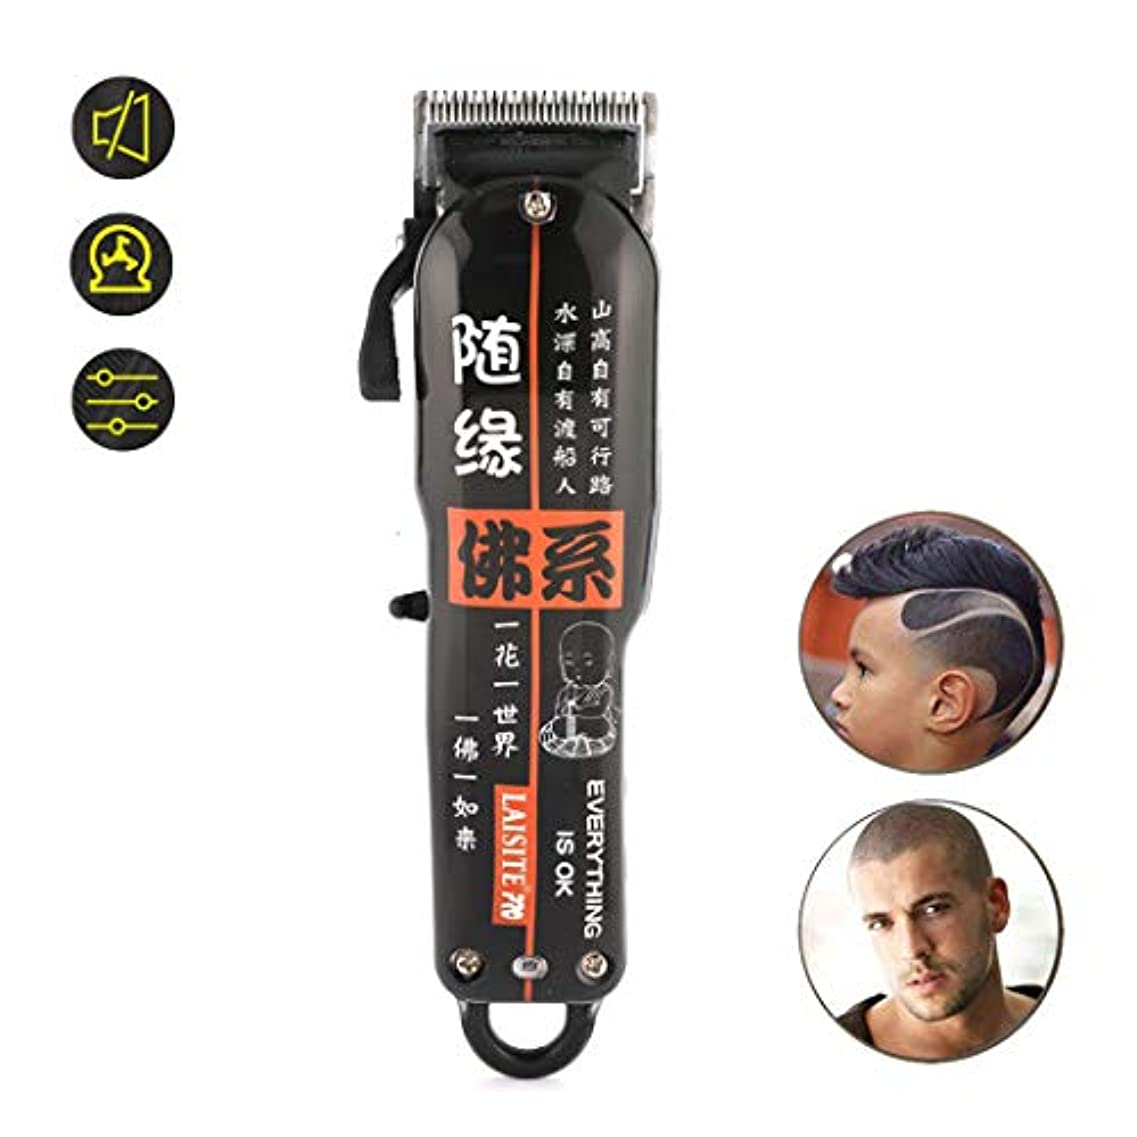 ナプキン定義上がるバリカン人の毛クリッパーの充電式毛クリッパーの男性の子供のための電気ひげのトリマー-B